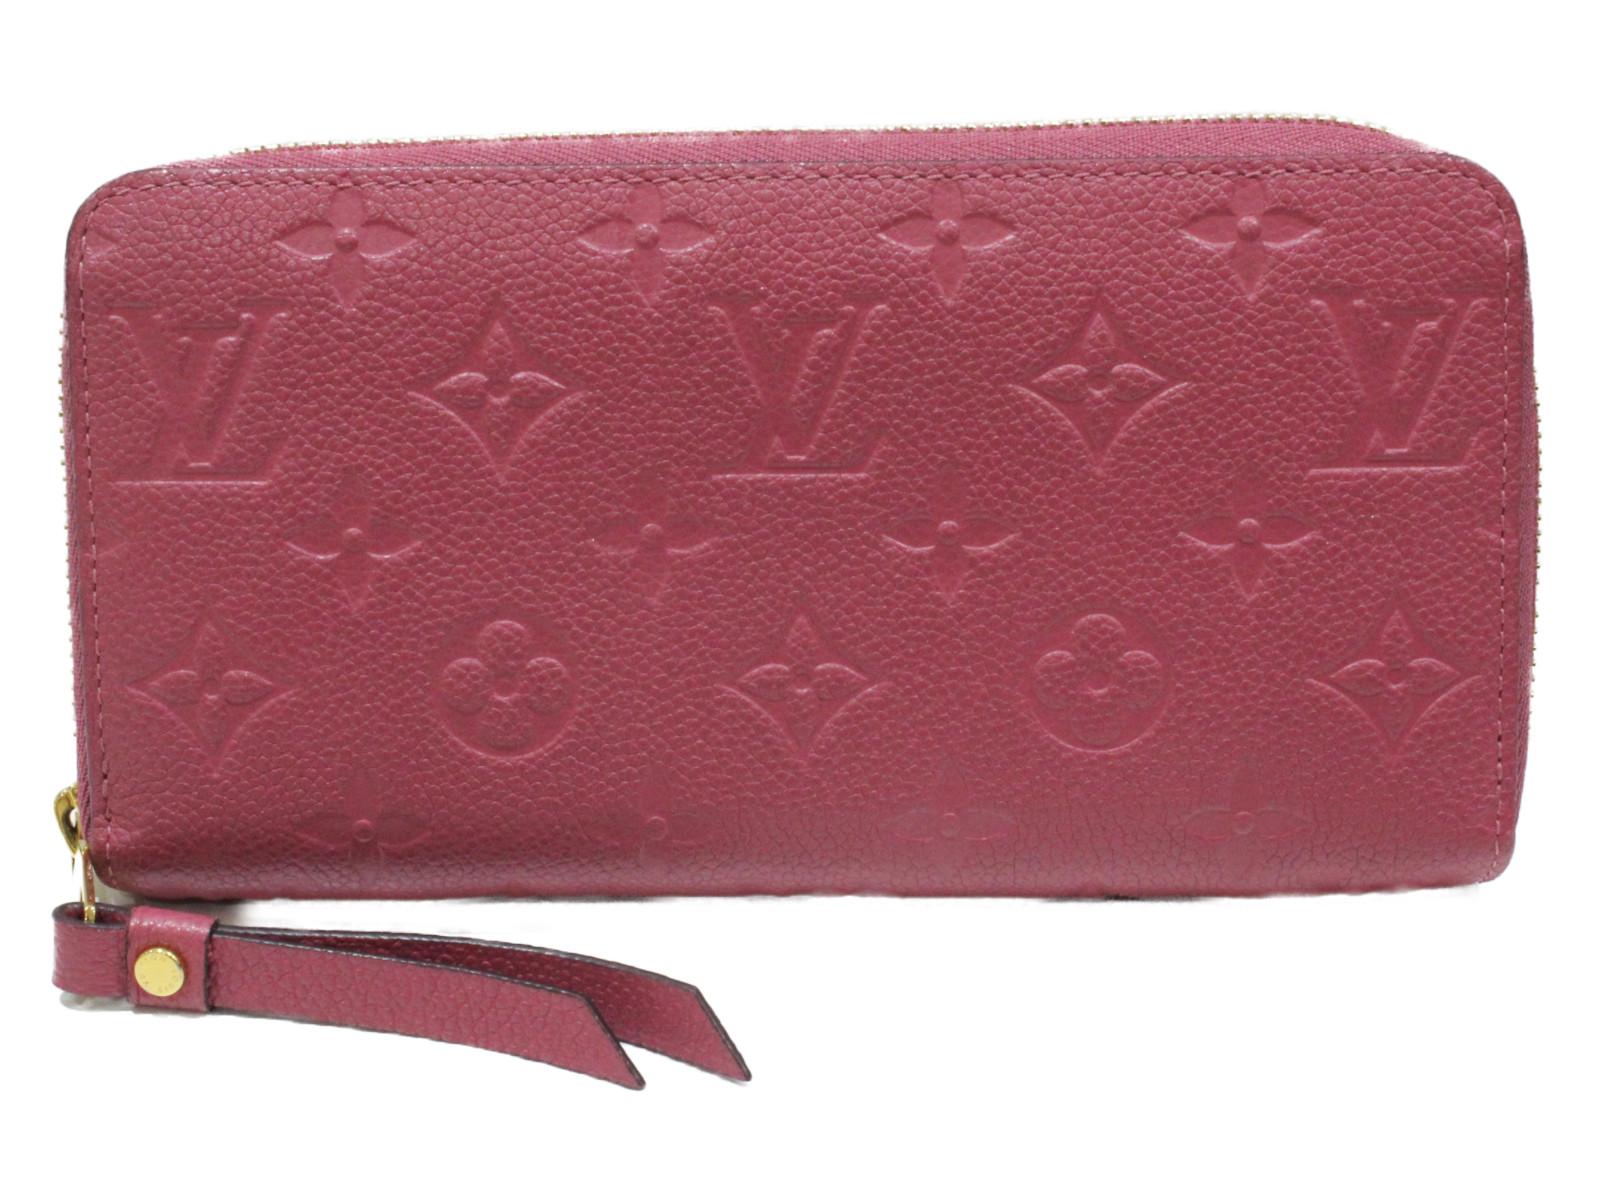 LOUIS VITTON ジッピーウォレット M60549 アンプラント/ピンク レザー レディース メンズ ユニセックス 長財布 シンプル プレゼント包装可【中古】